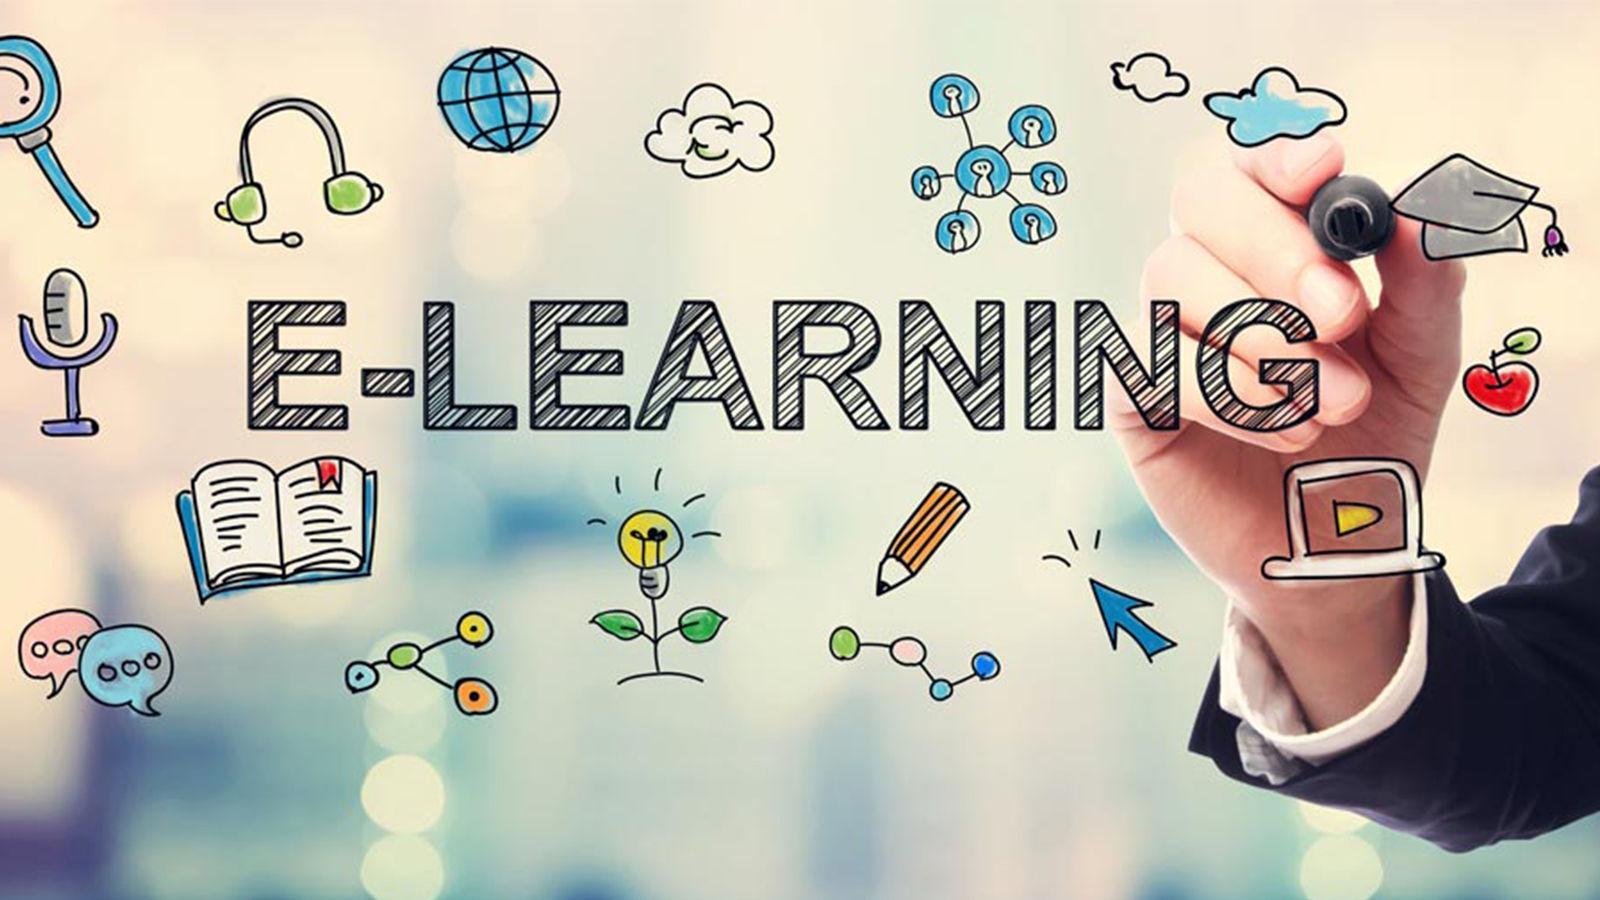 Tổng quan về E-learning: Ưu điểm của E-learning trong hoạt động đào tạo